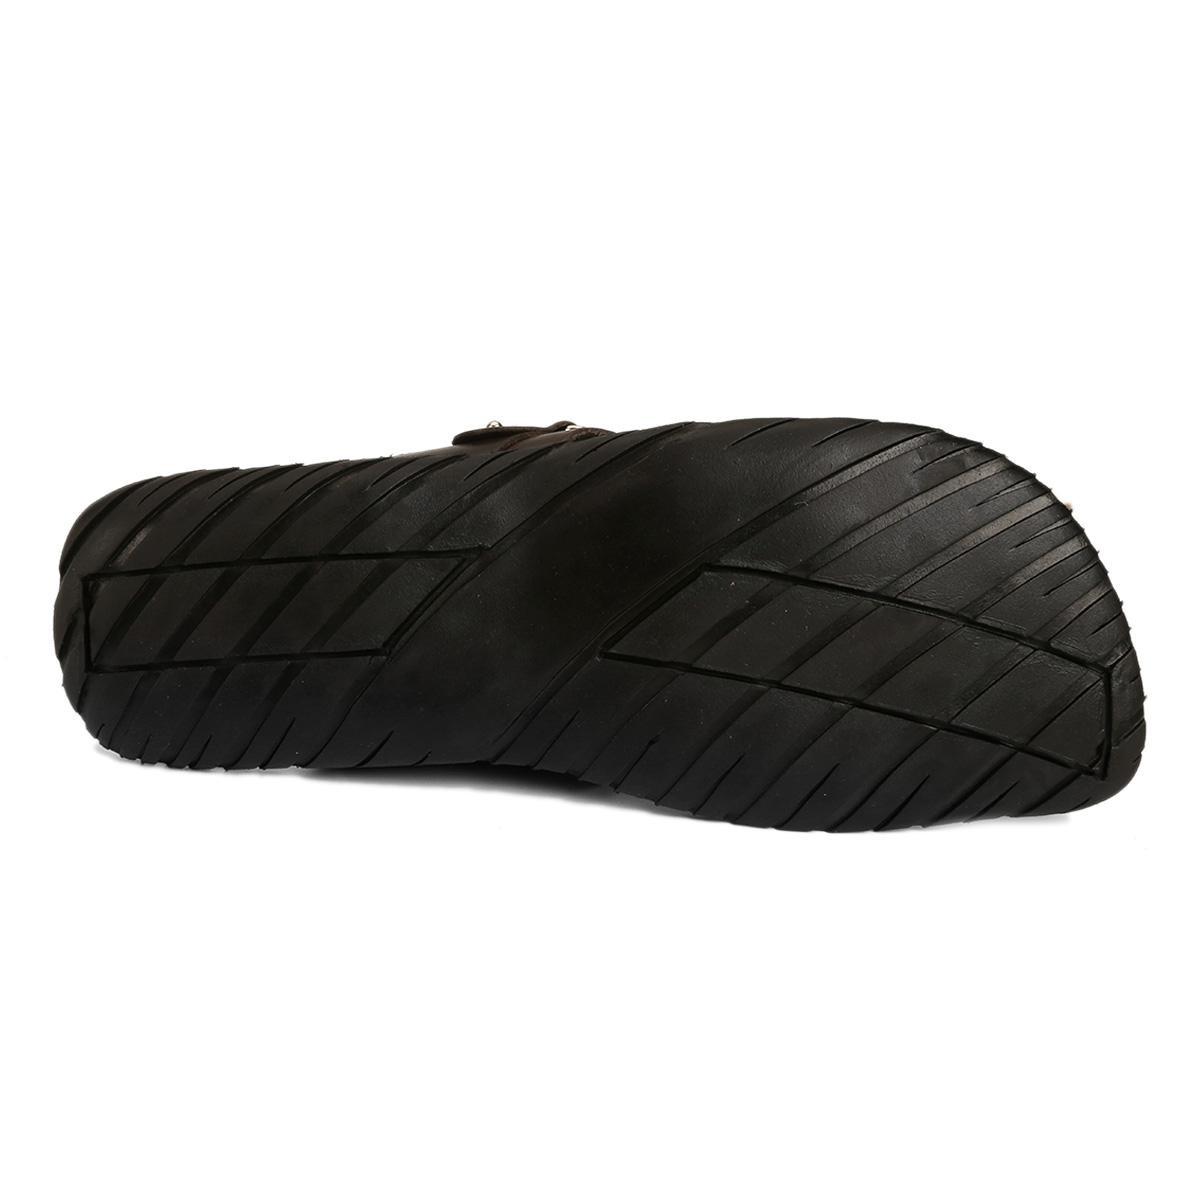 081d336da12fc Chinelo Couro Shoestock Masculino - R$ 69,90 em Mercado Livre